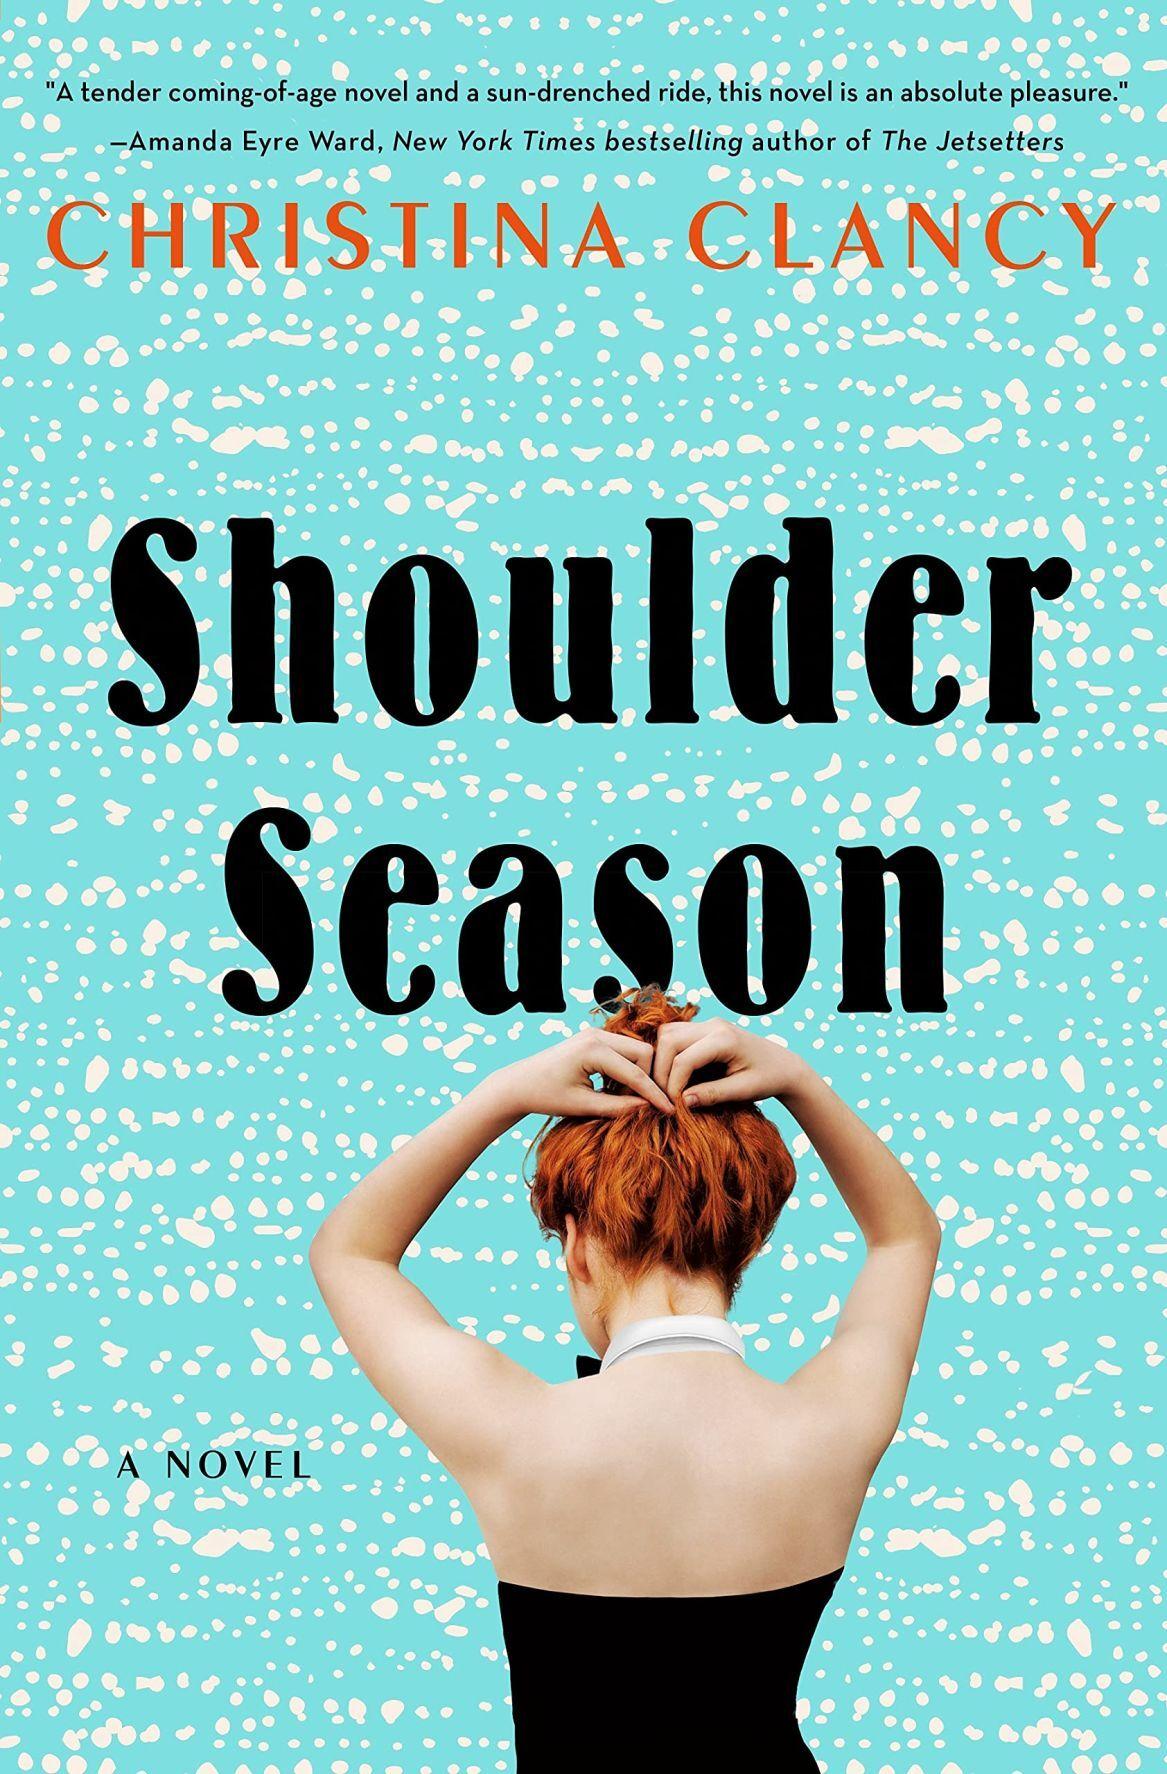 Shoulder Season